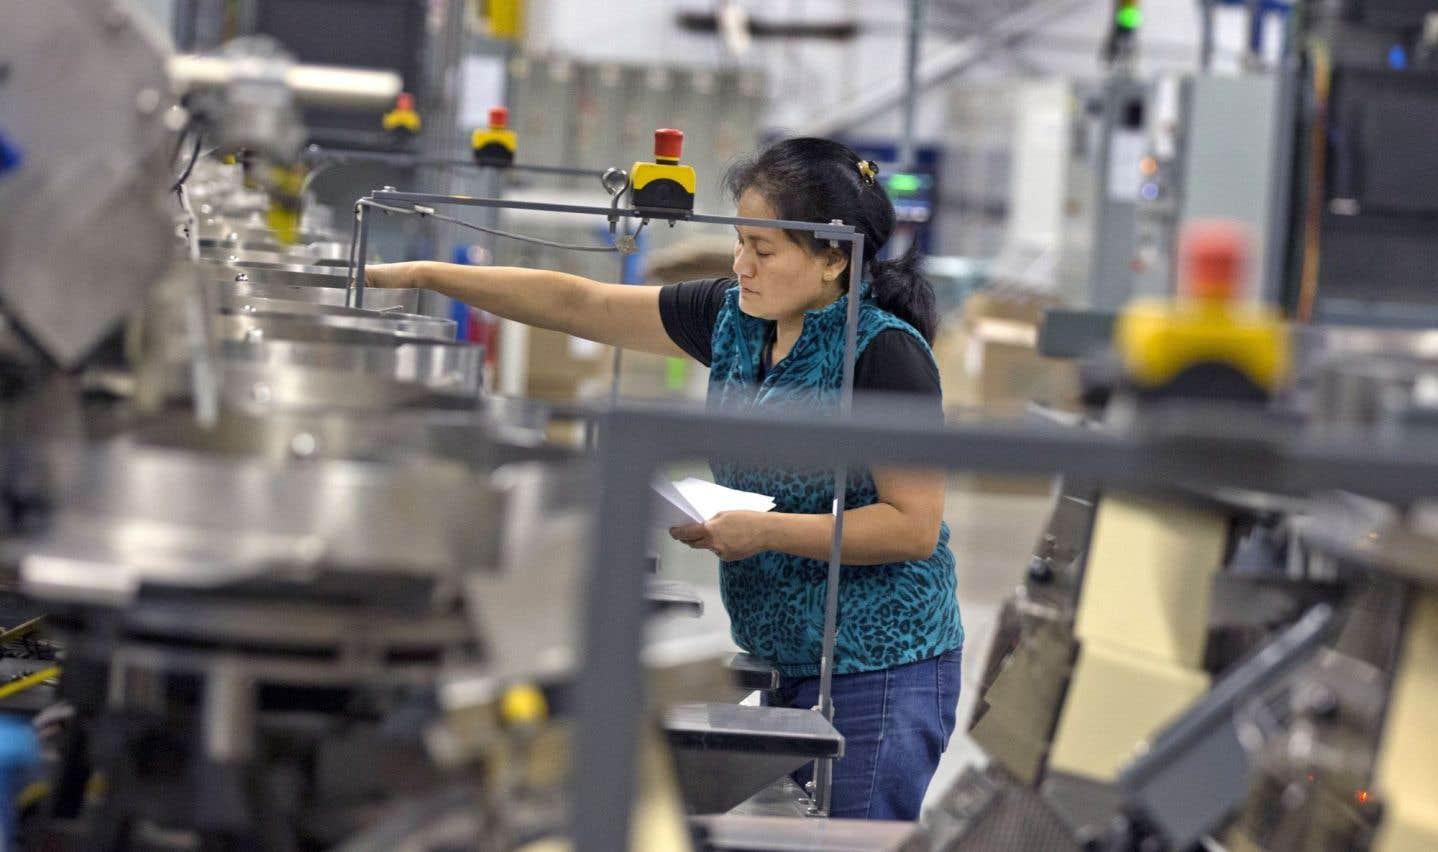 Ce n'est plus un secret, il y a un manque criant de main-d'œuvre dans la région métropolitaine.